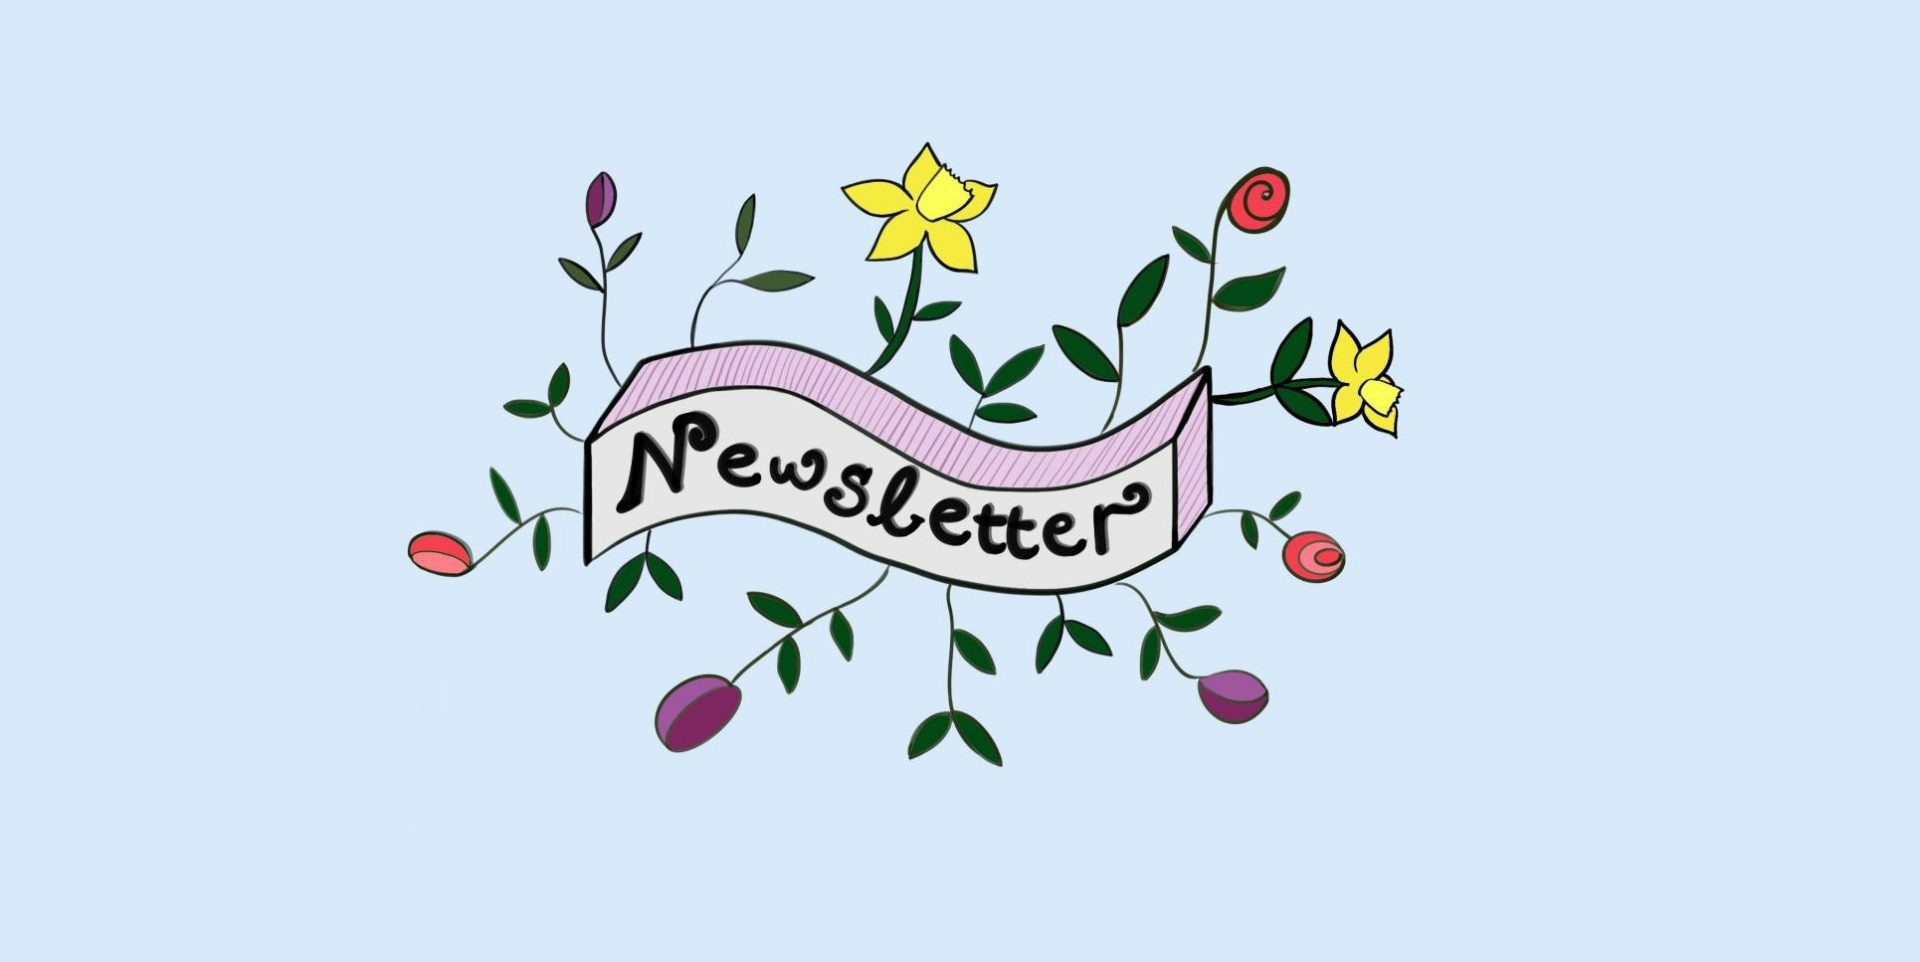 Newsletter illustration